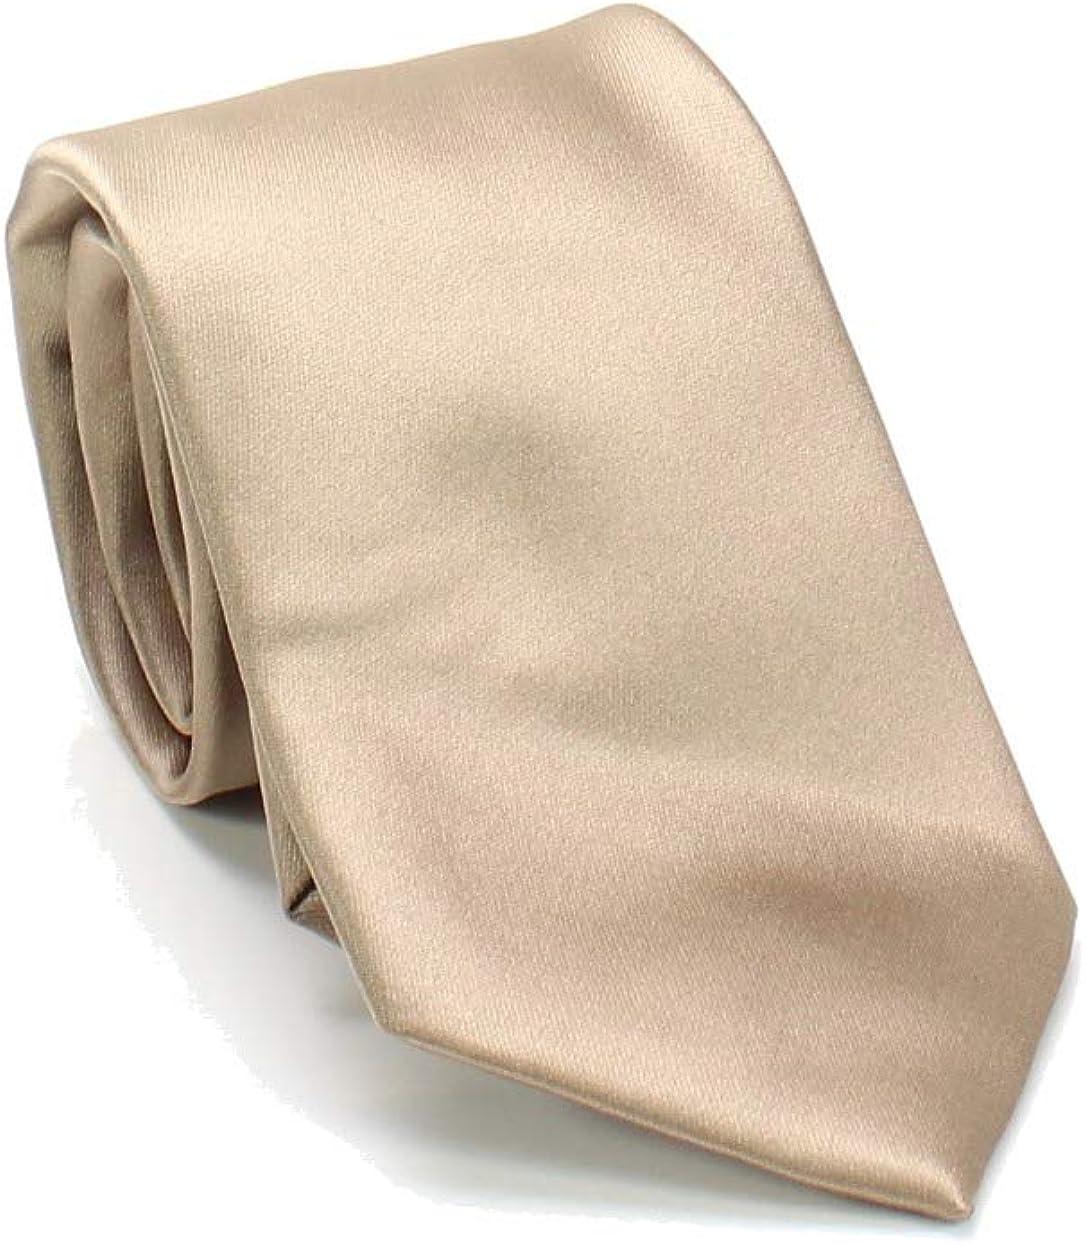 Geoffrey Beene Mens Satin Self-tied Necktie, Beige, One Size